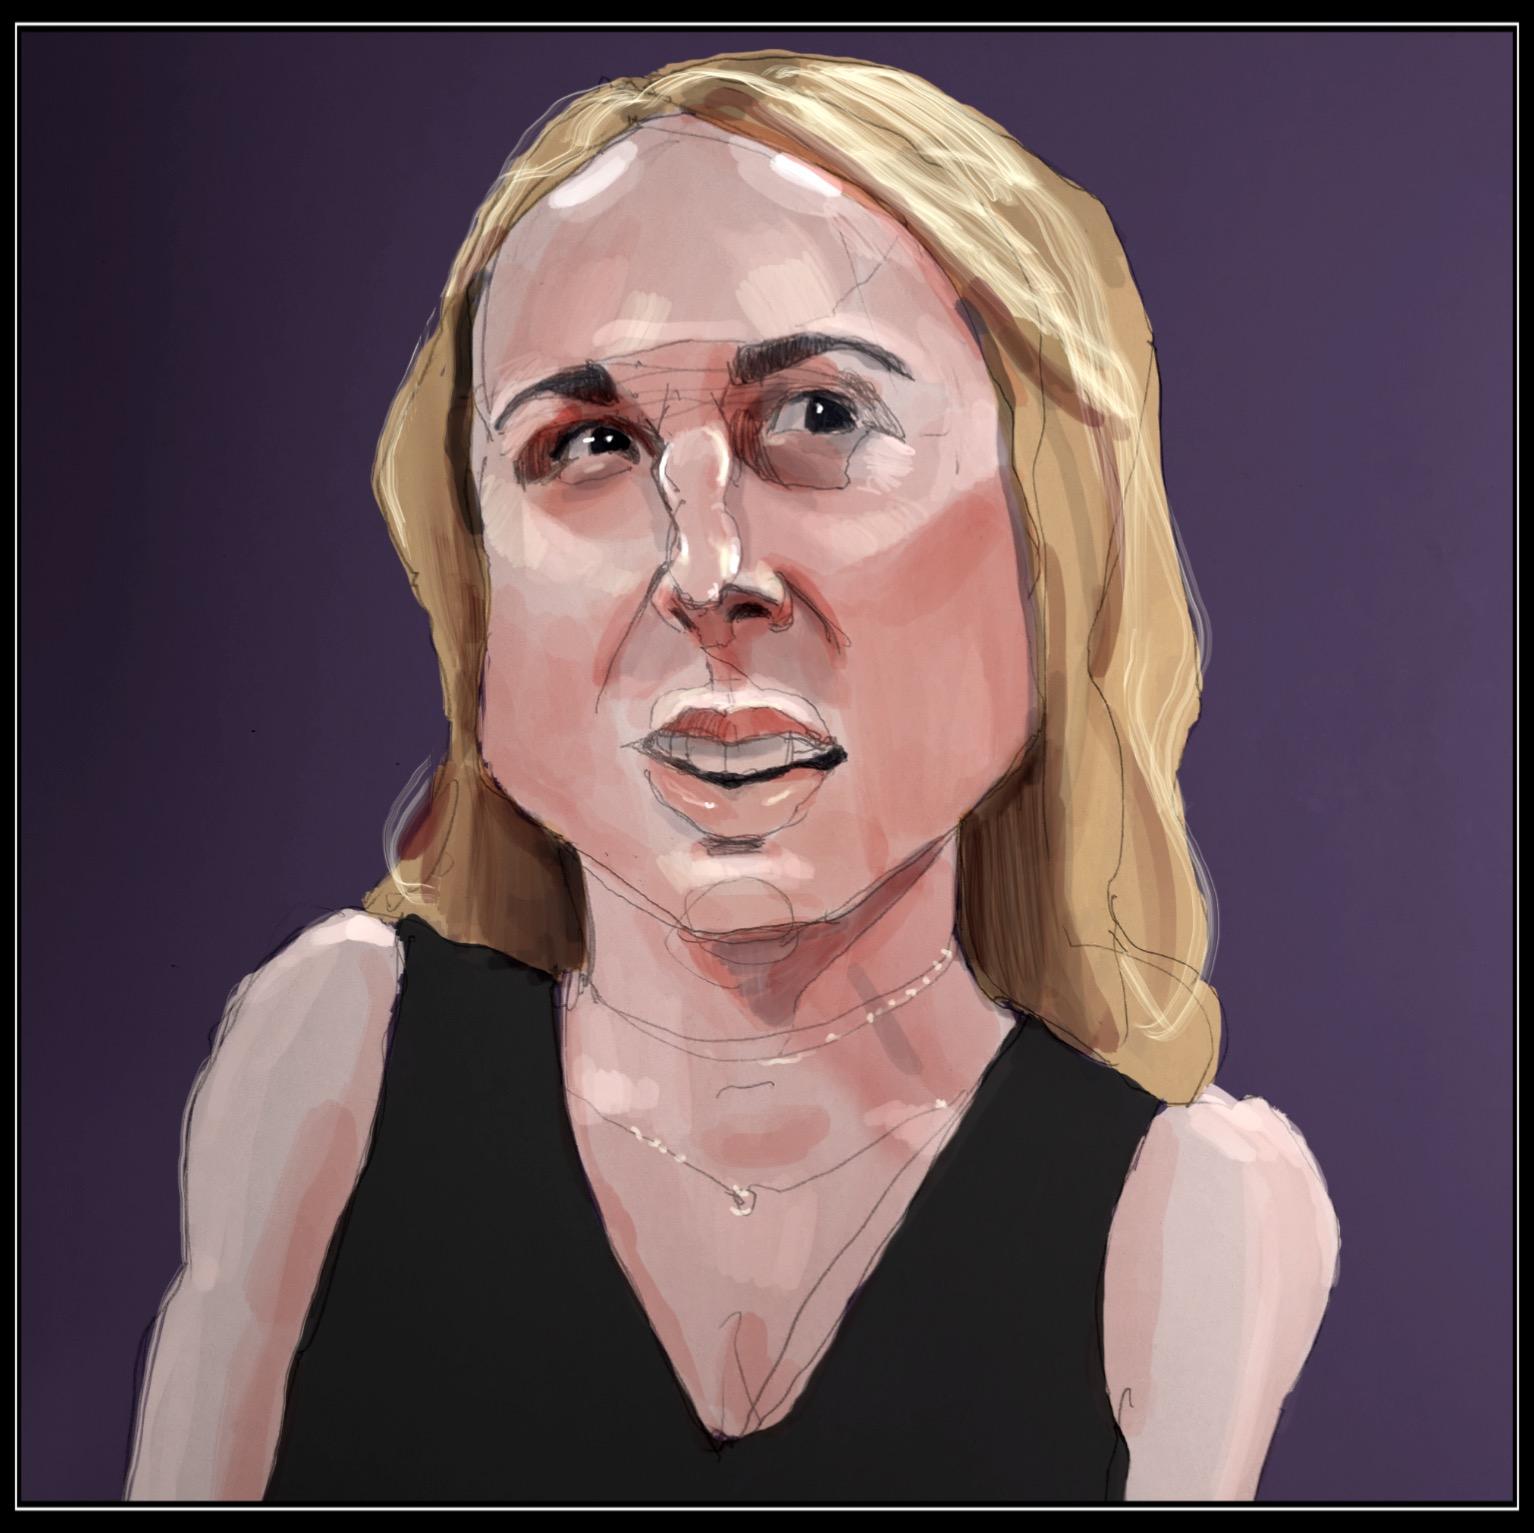 Nikki Glaser; comedian and podcaster